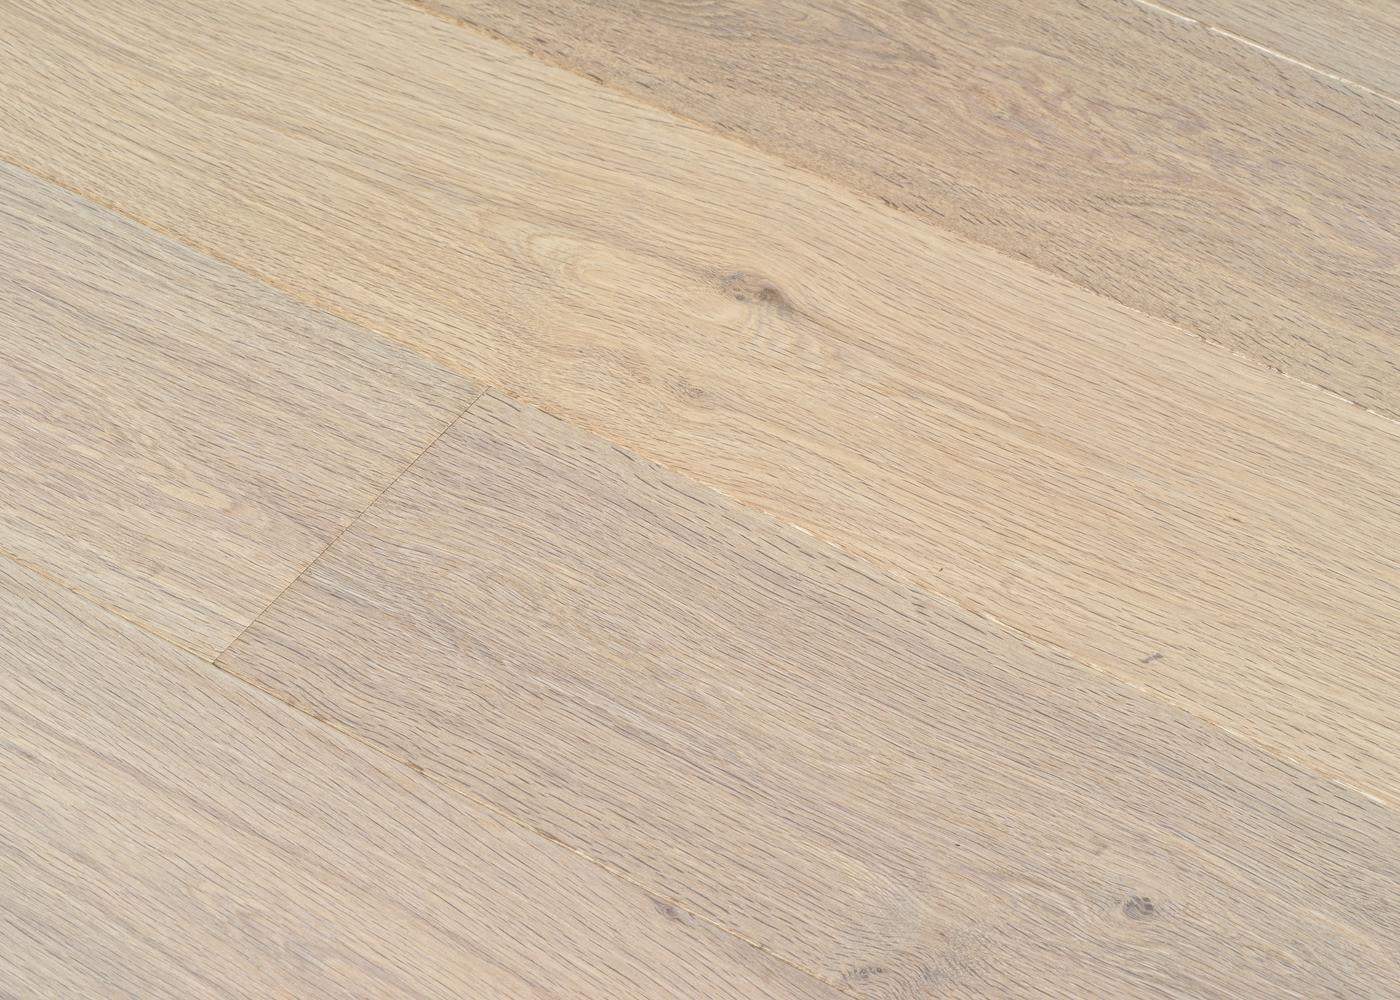 Parquet chêne contrecollé CALCAIRE huile cire Mélange 50% PRBis, 50% Matière 12x160x1100-2200